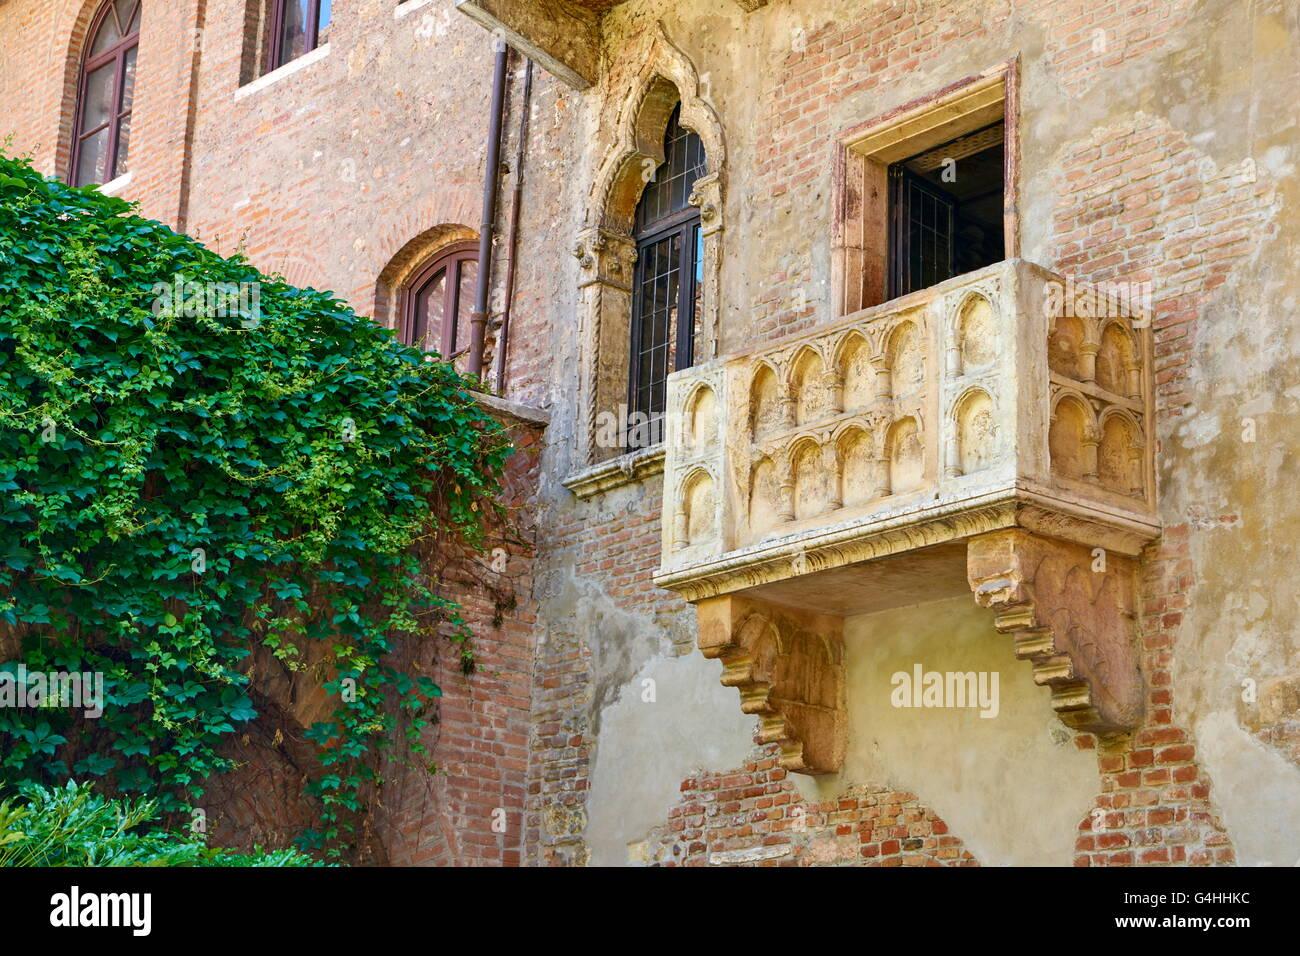 Romeo e Giulietta balcone, la città vecchia di Verona, regione Veneto, Italia Immagini Stock